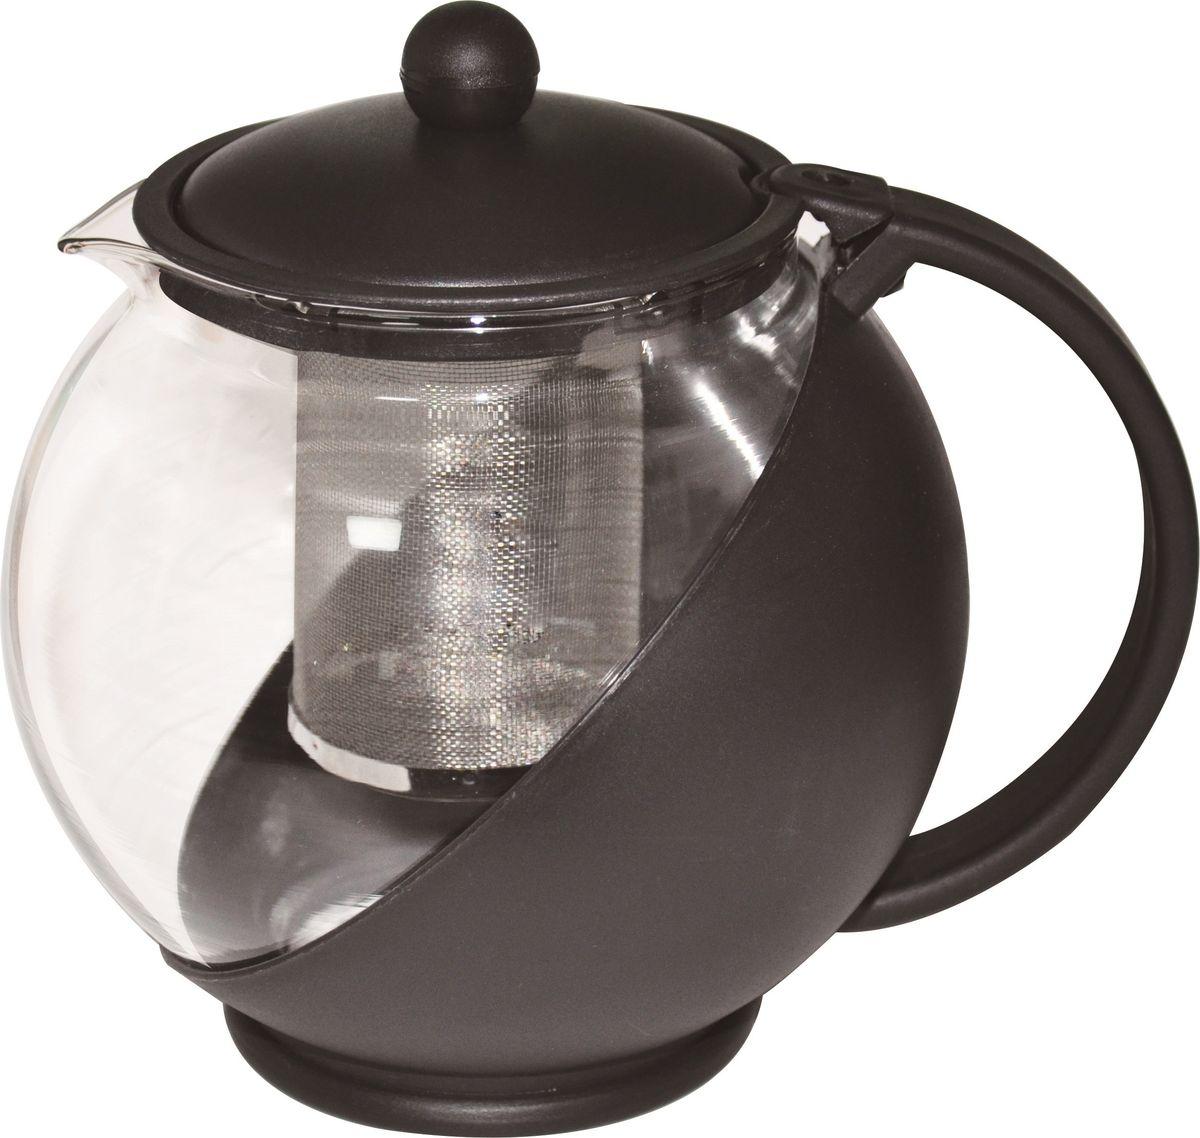 Чайник заварочный Irit, цвет: черный, 1,25 л137679Чайник заварочный 1,25л, термостойкий не нагревающийся пластик, ударостойкое жаропрочное стекло, фильтр из высококачественной хромо-никелевой нержавеющей стали. Черный.